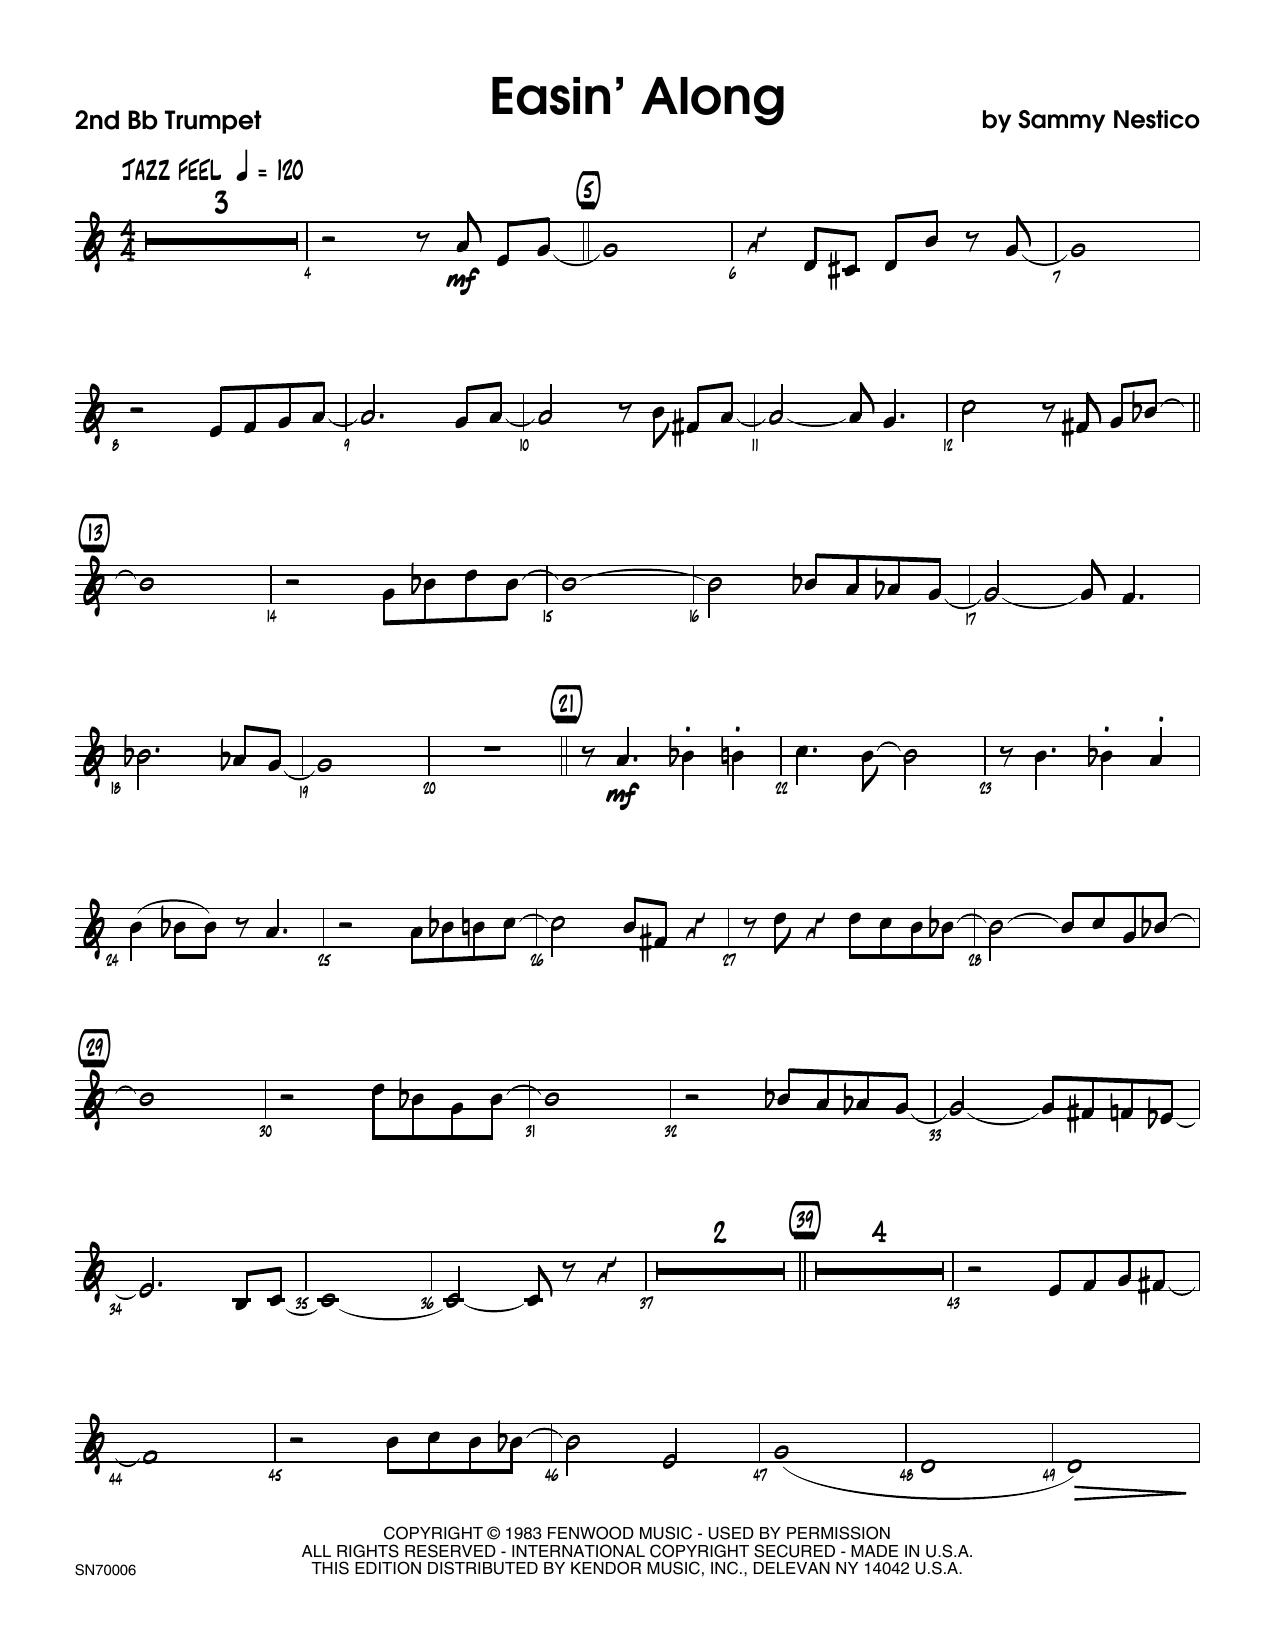 Easin' Along - 2nd Bb Trumpet Sheet Music